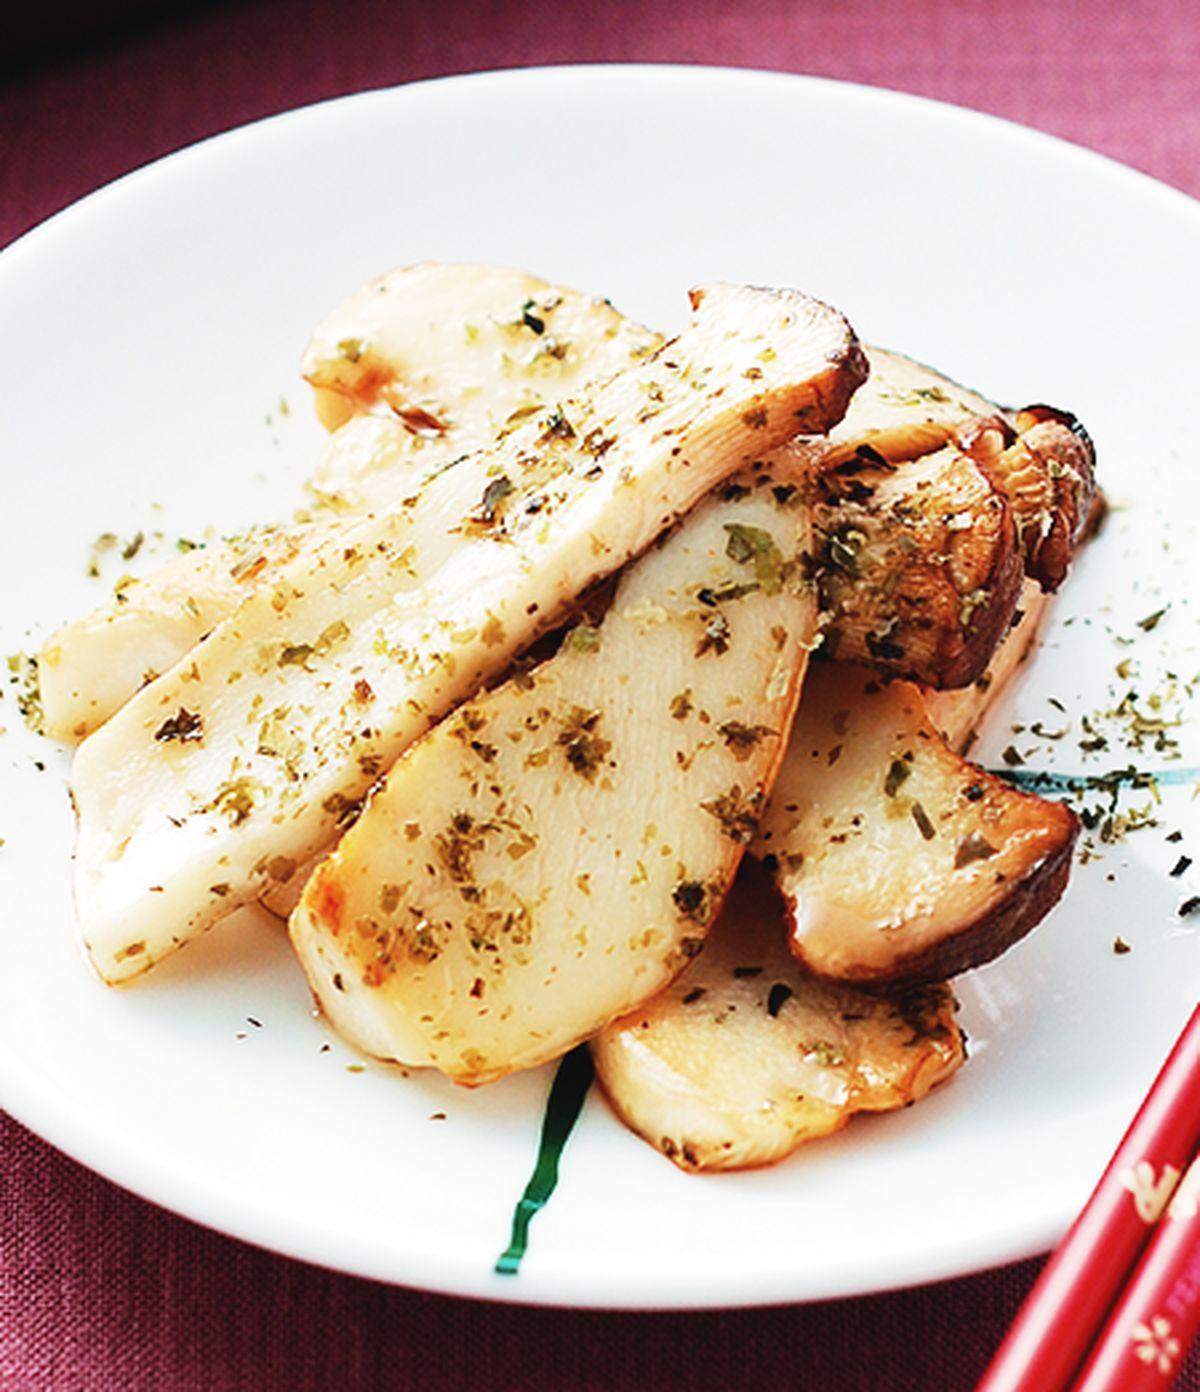 食譜:海苦香煎鮑菇